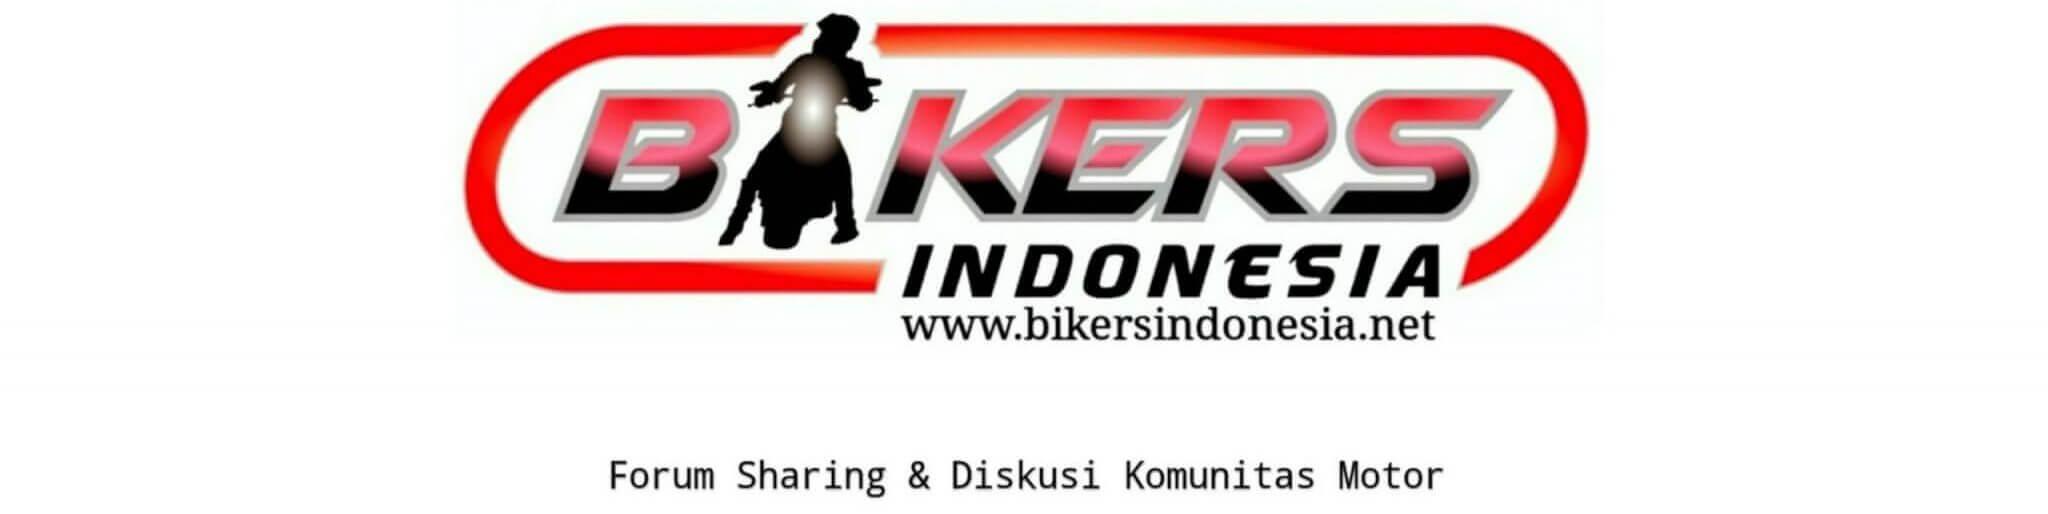 Bikers Indonesia